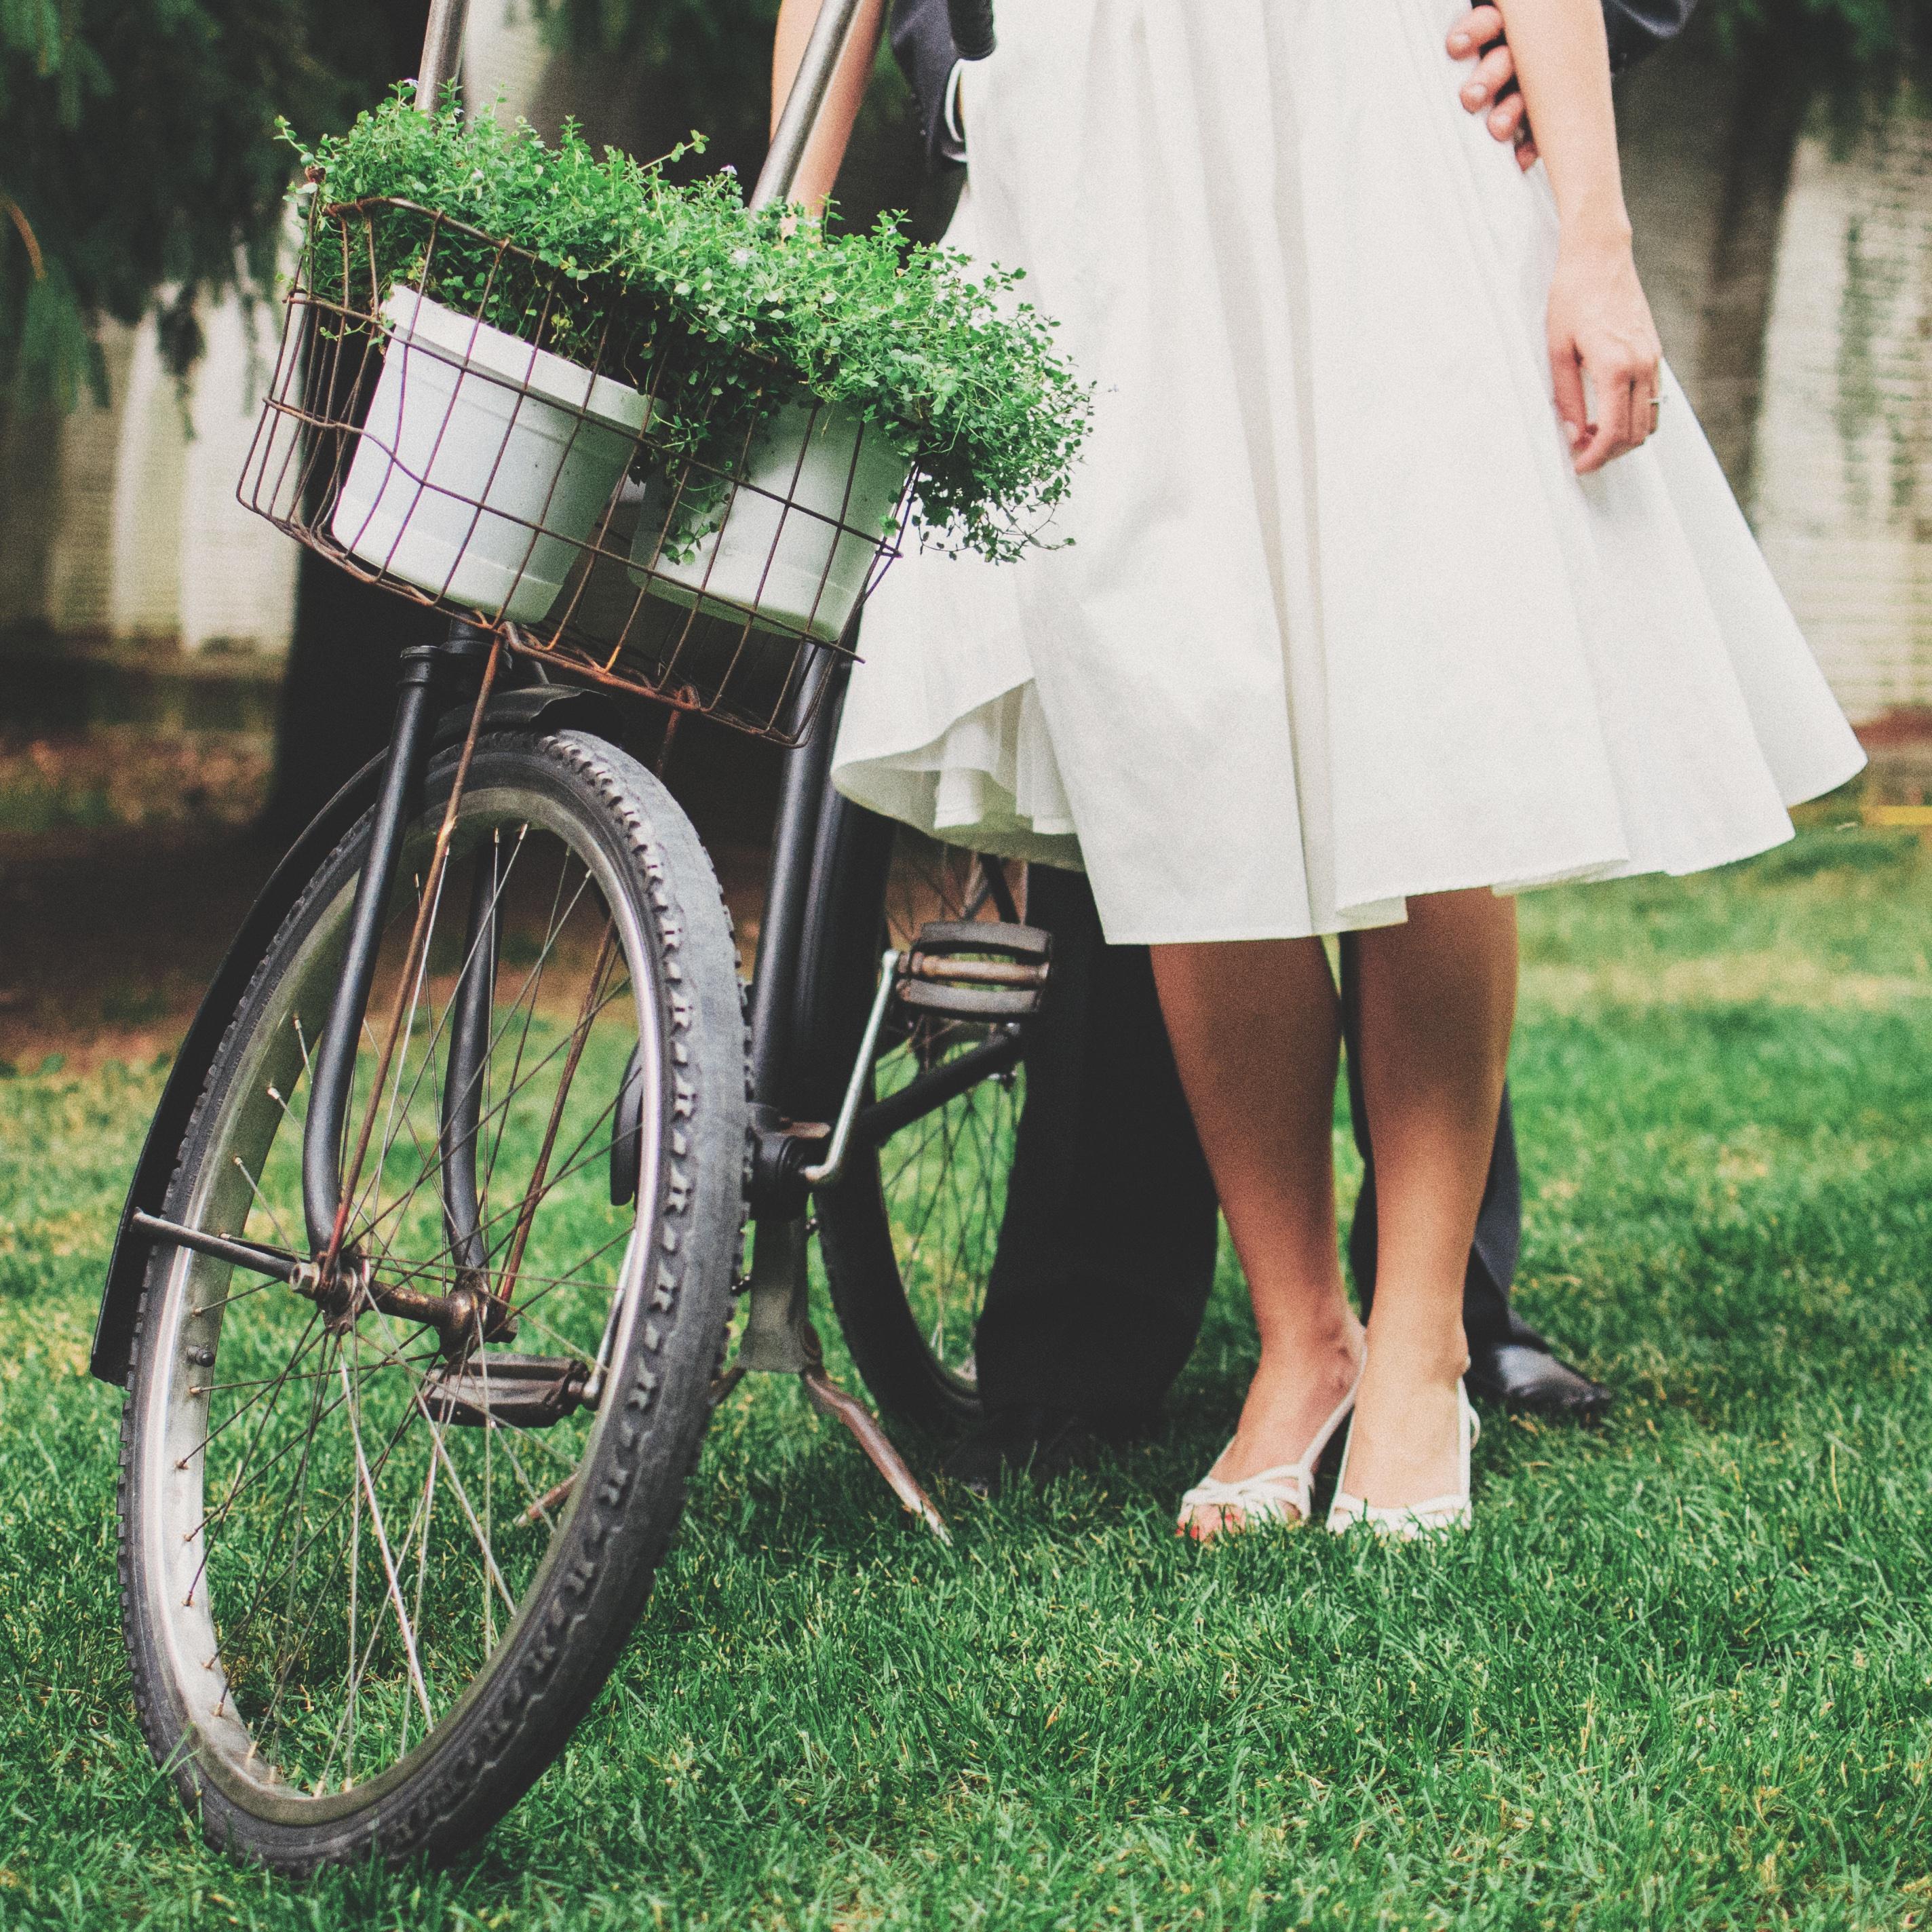 stop-blaming-husband-unmet-needs